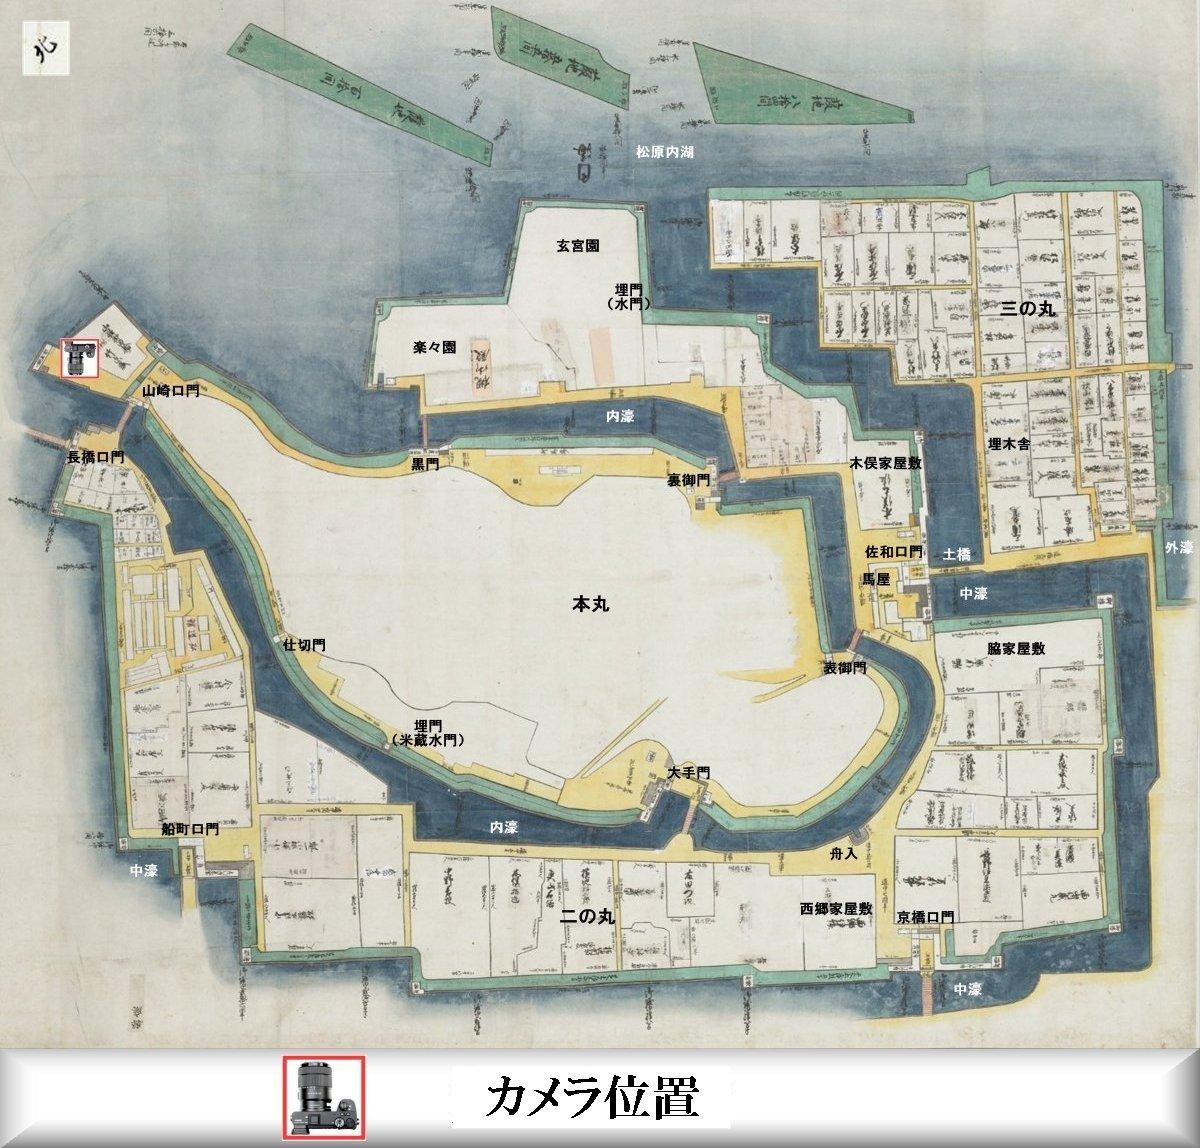 f:id:san-nin-syu:20210722184122j:plain